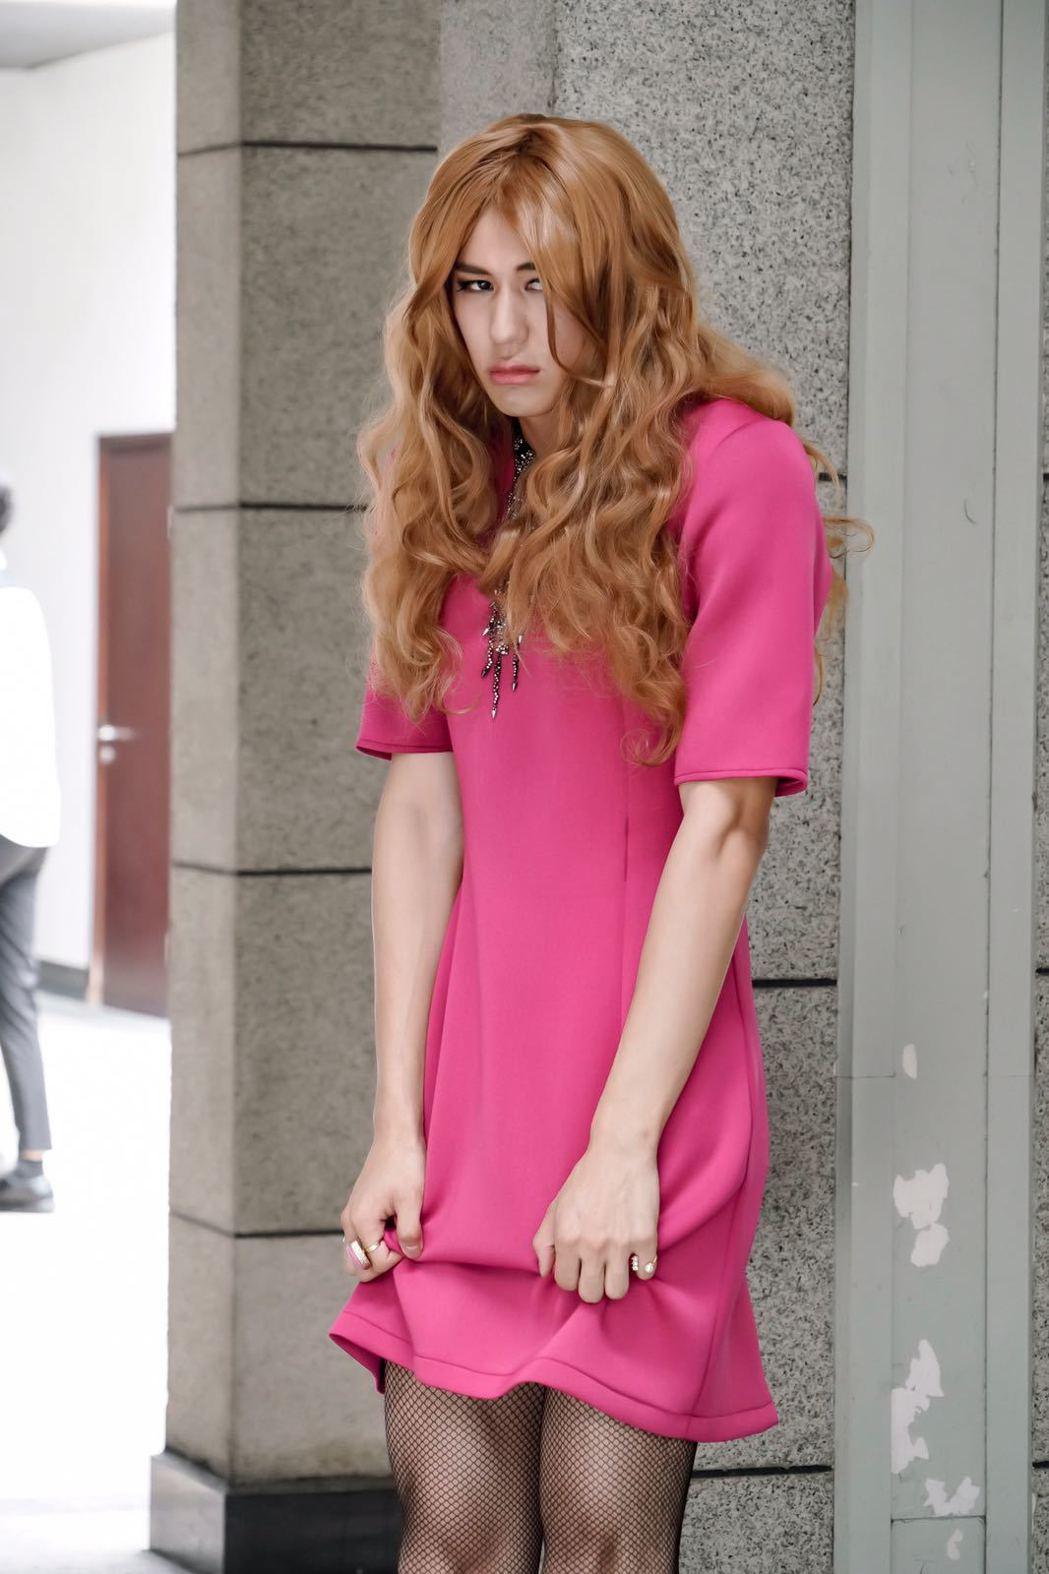 風田女裝模樣妖豔。圖/可米傳媒提供